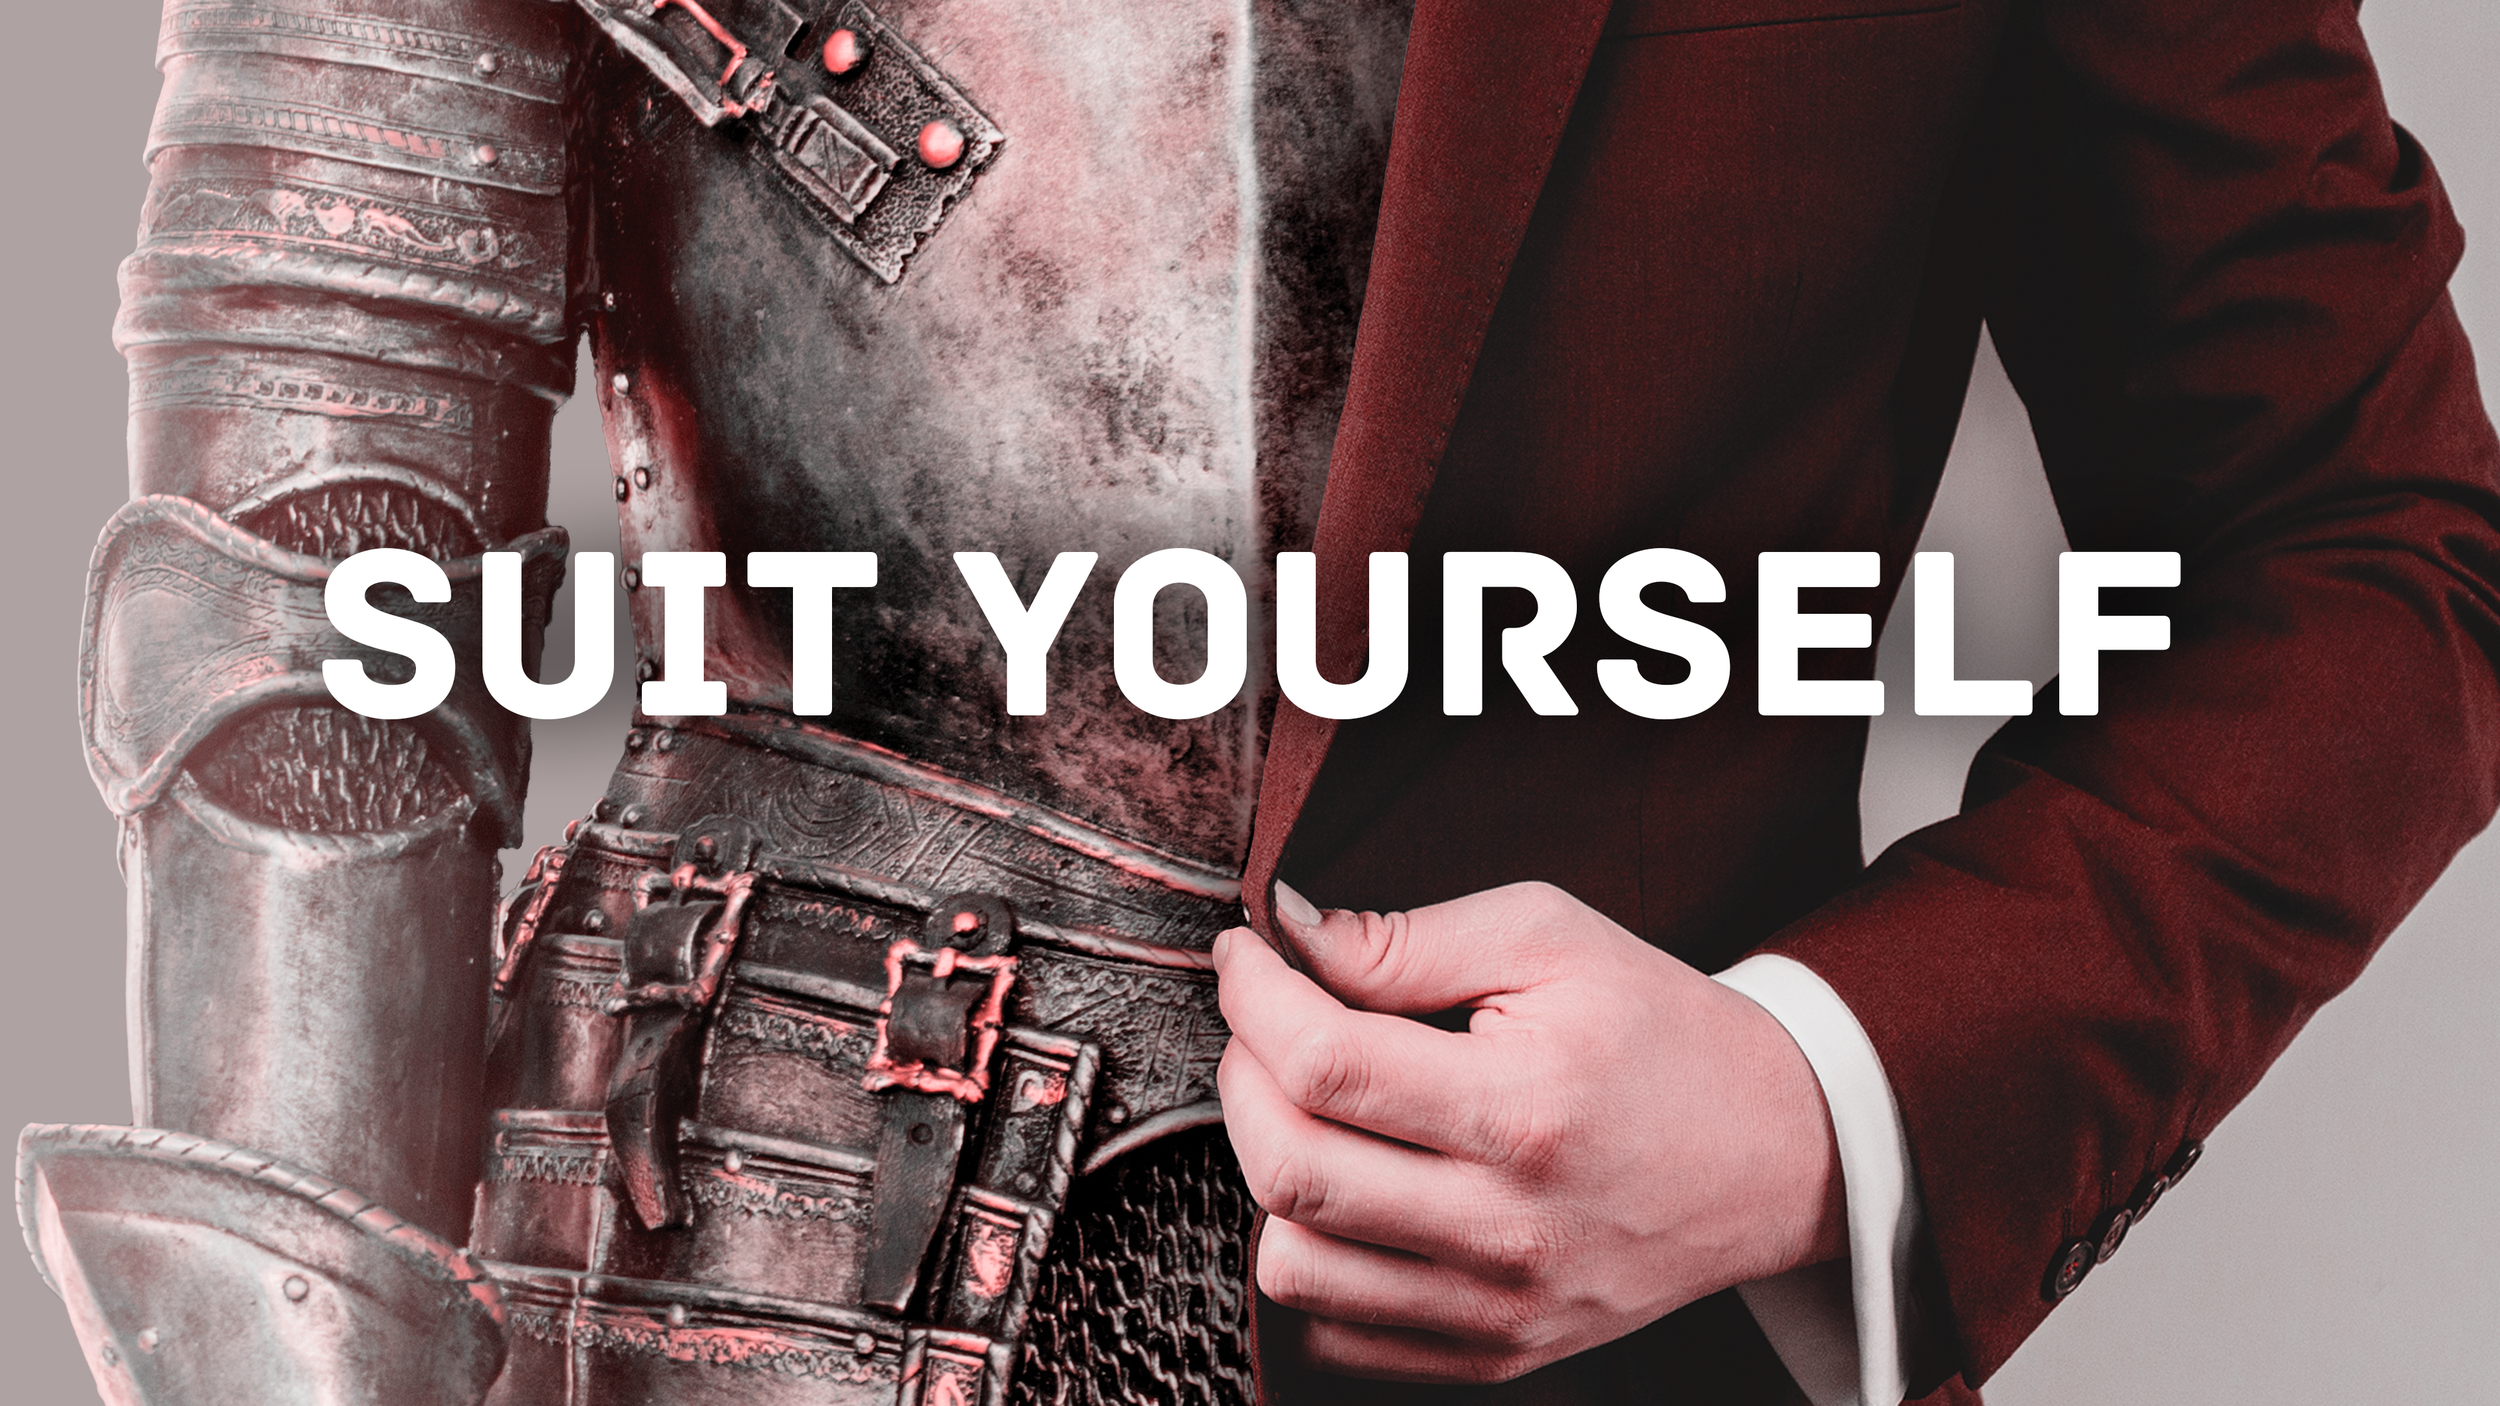 Wallpaper_Desktop_Widescreen_Suit_Yourself.png